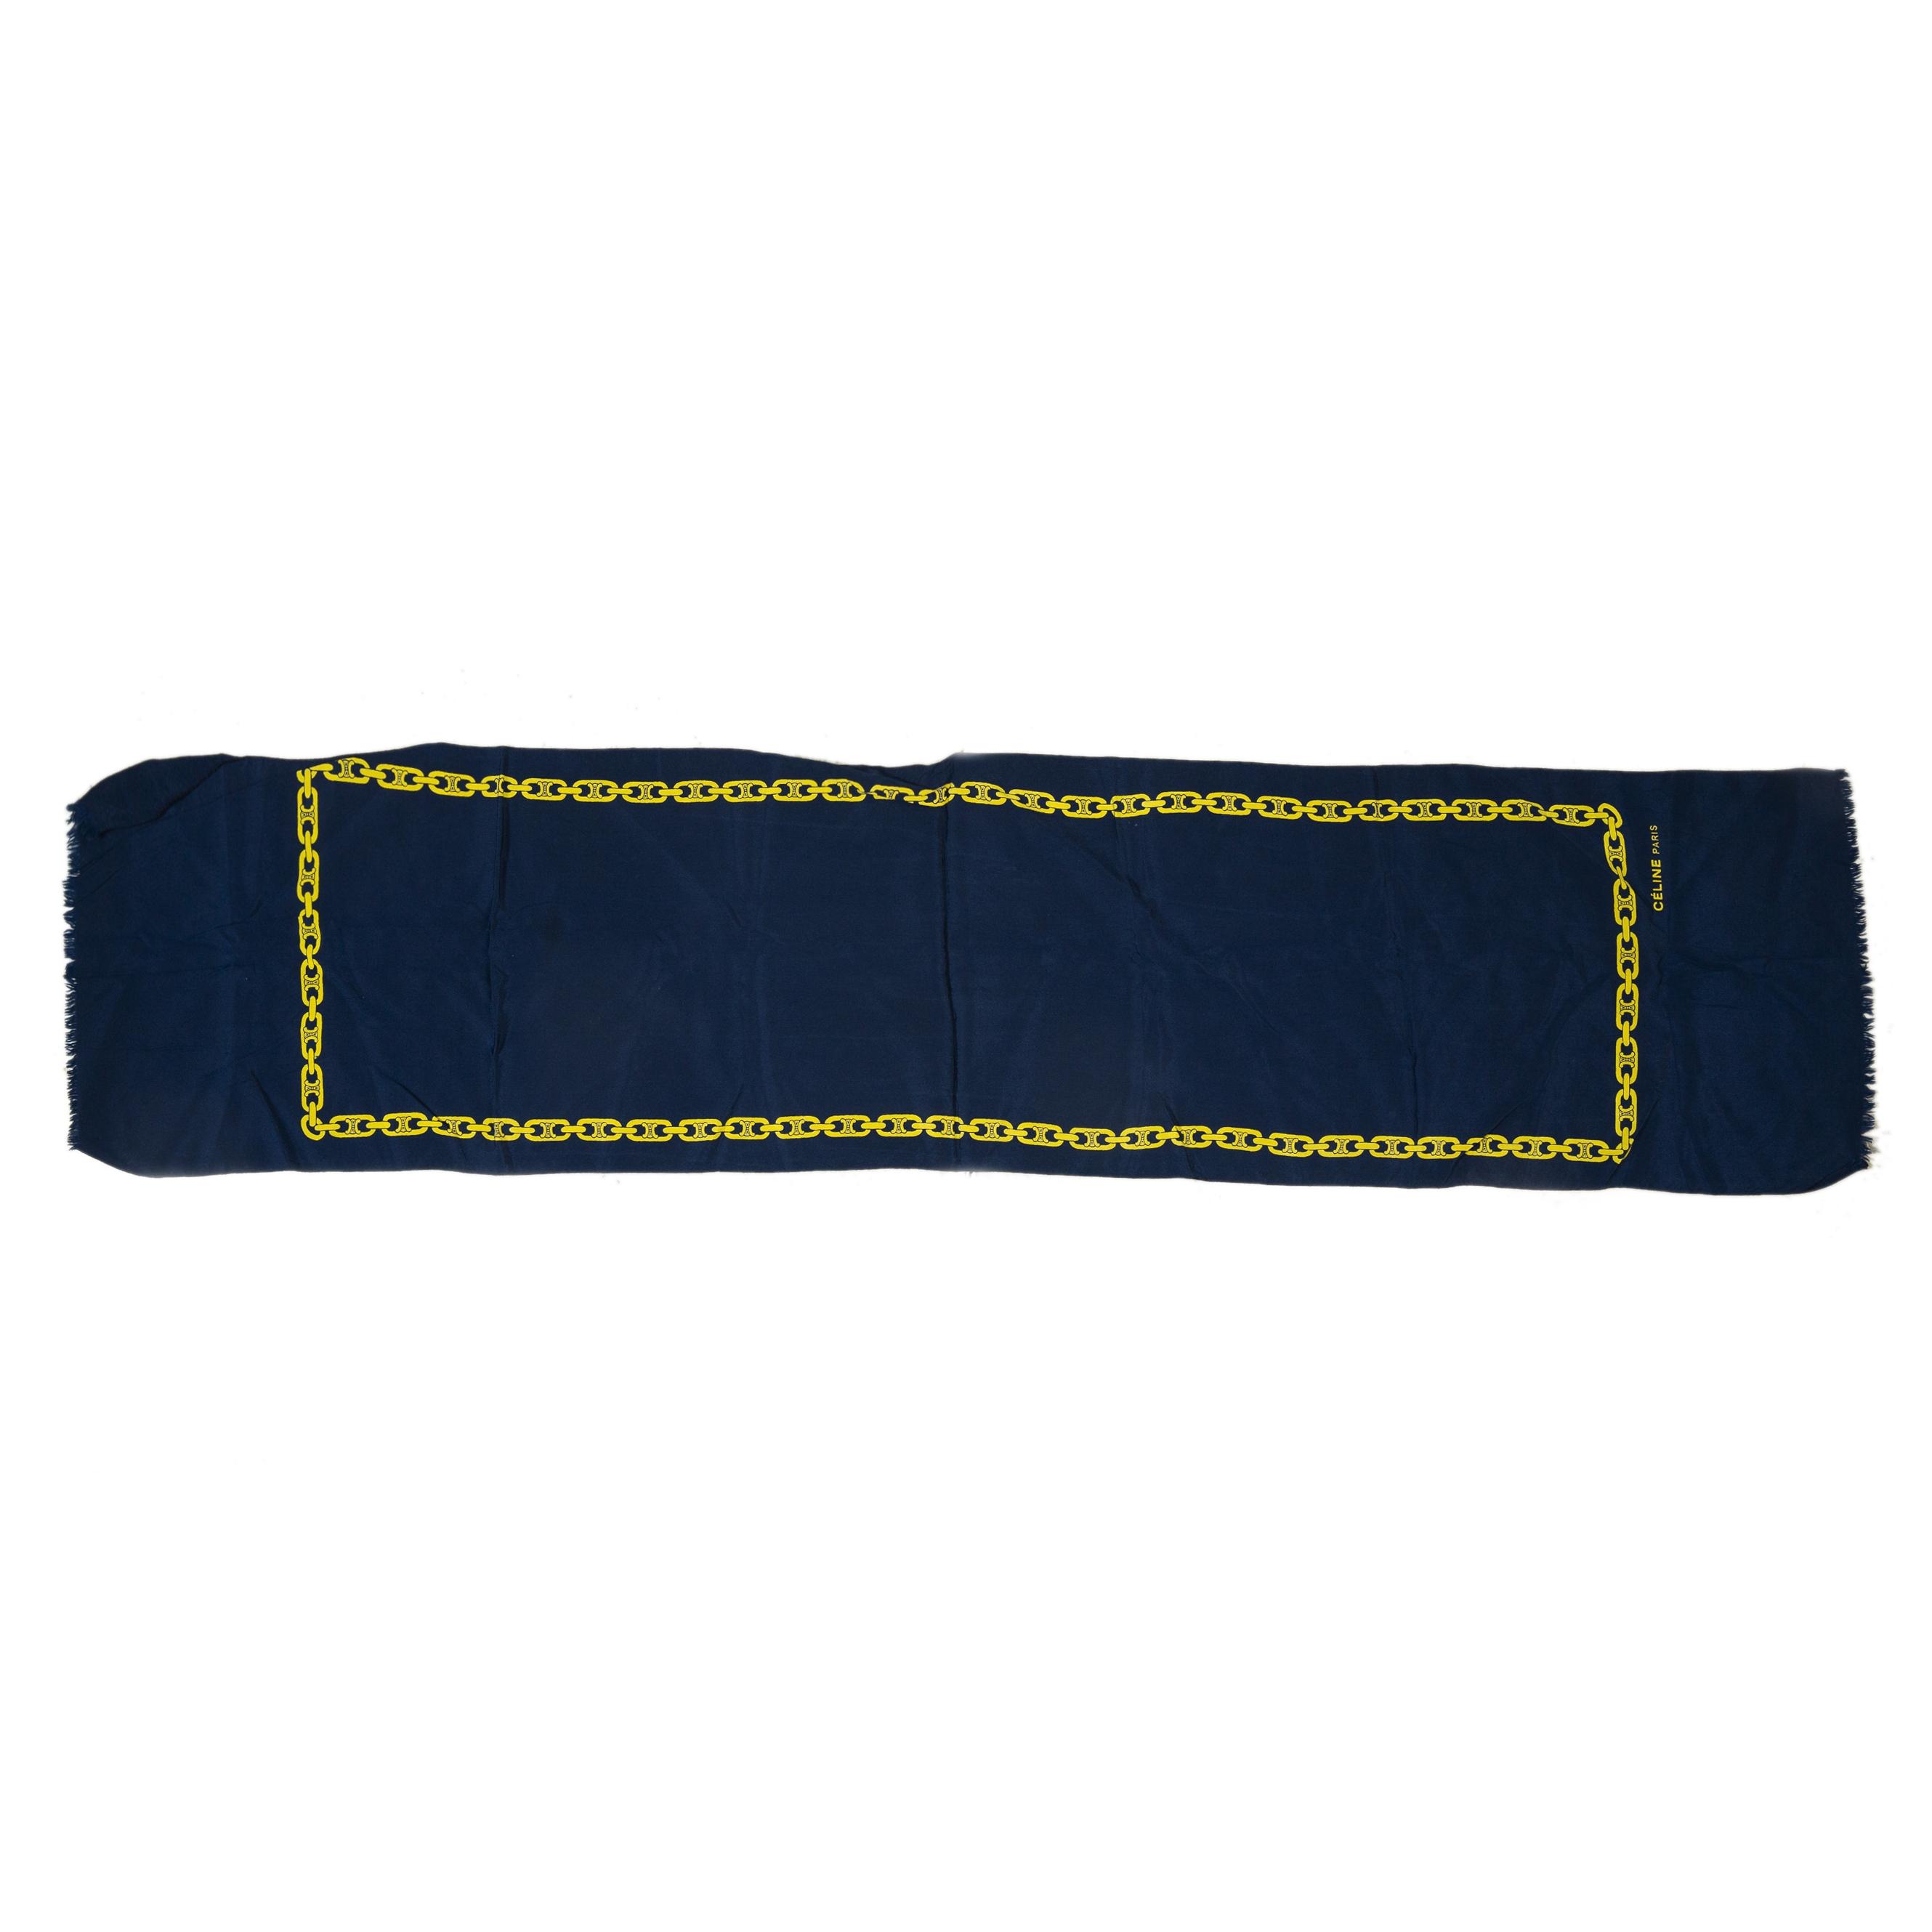 Koop deze authentieke tweedehands vintage Celine Blue Chain Printed Scarf bij online webshop LabelLOV.